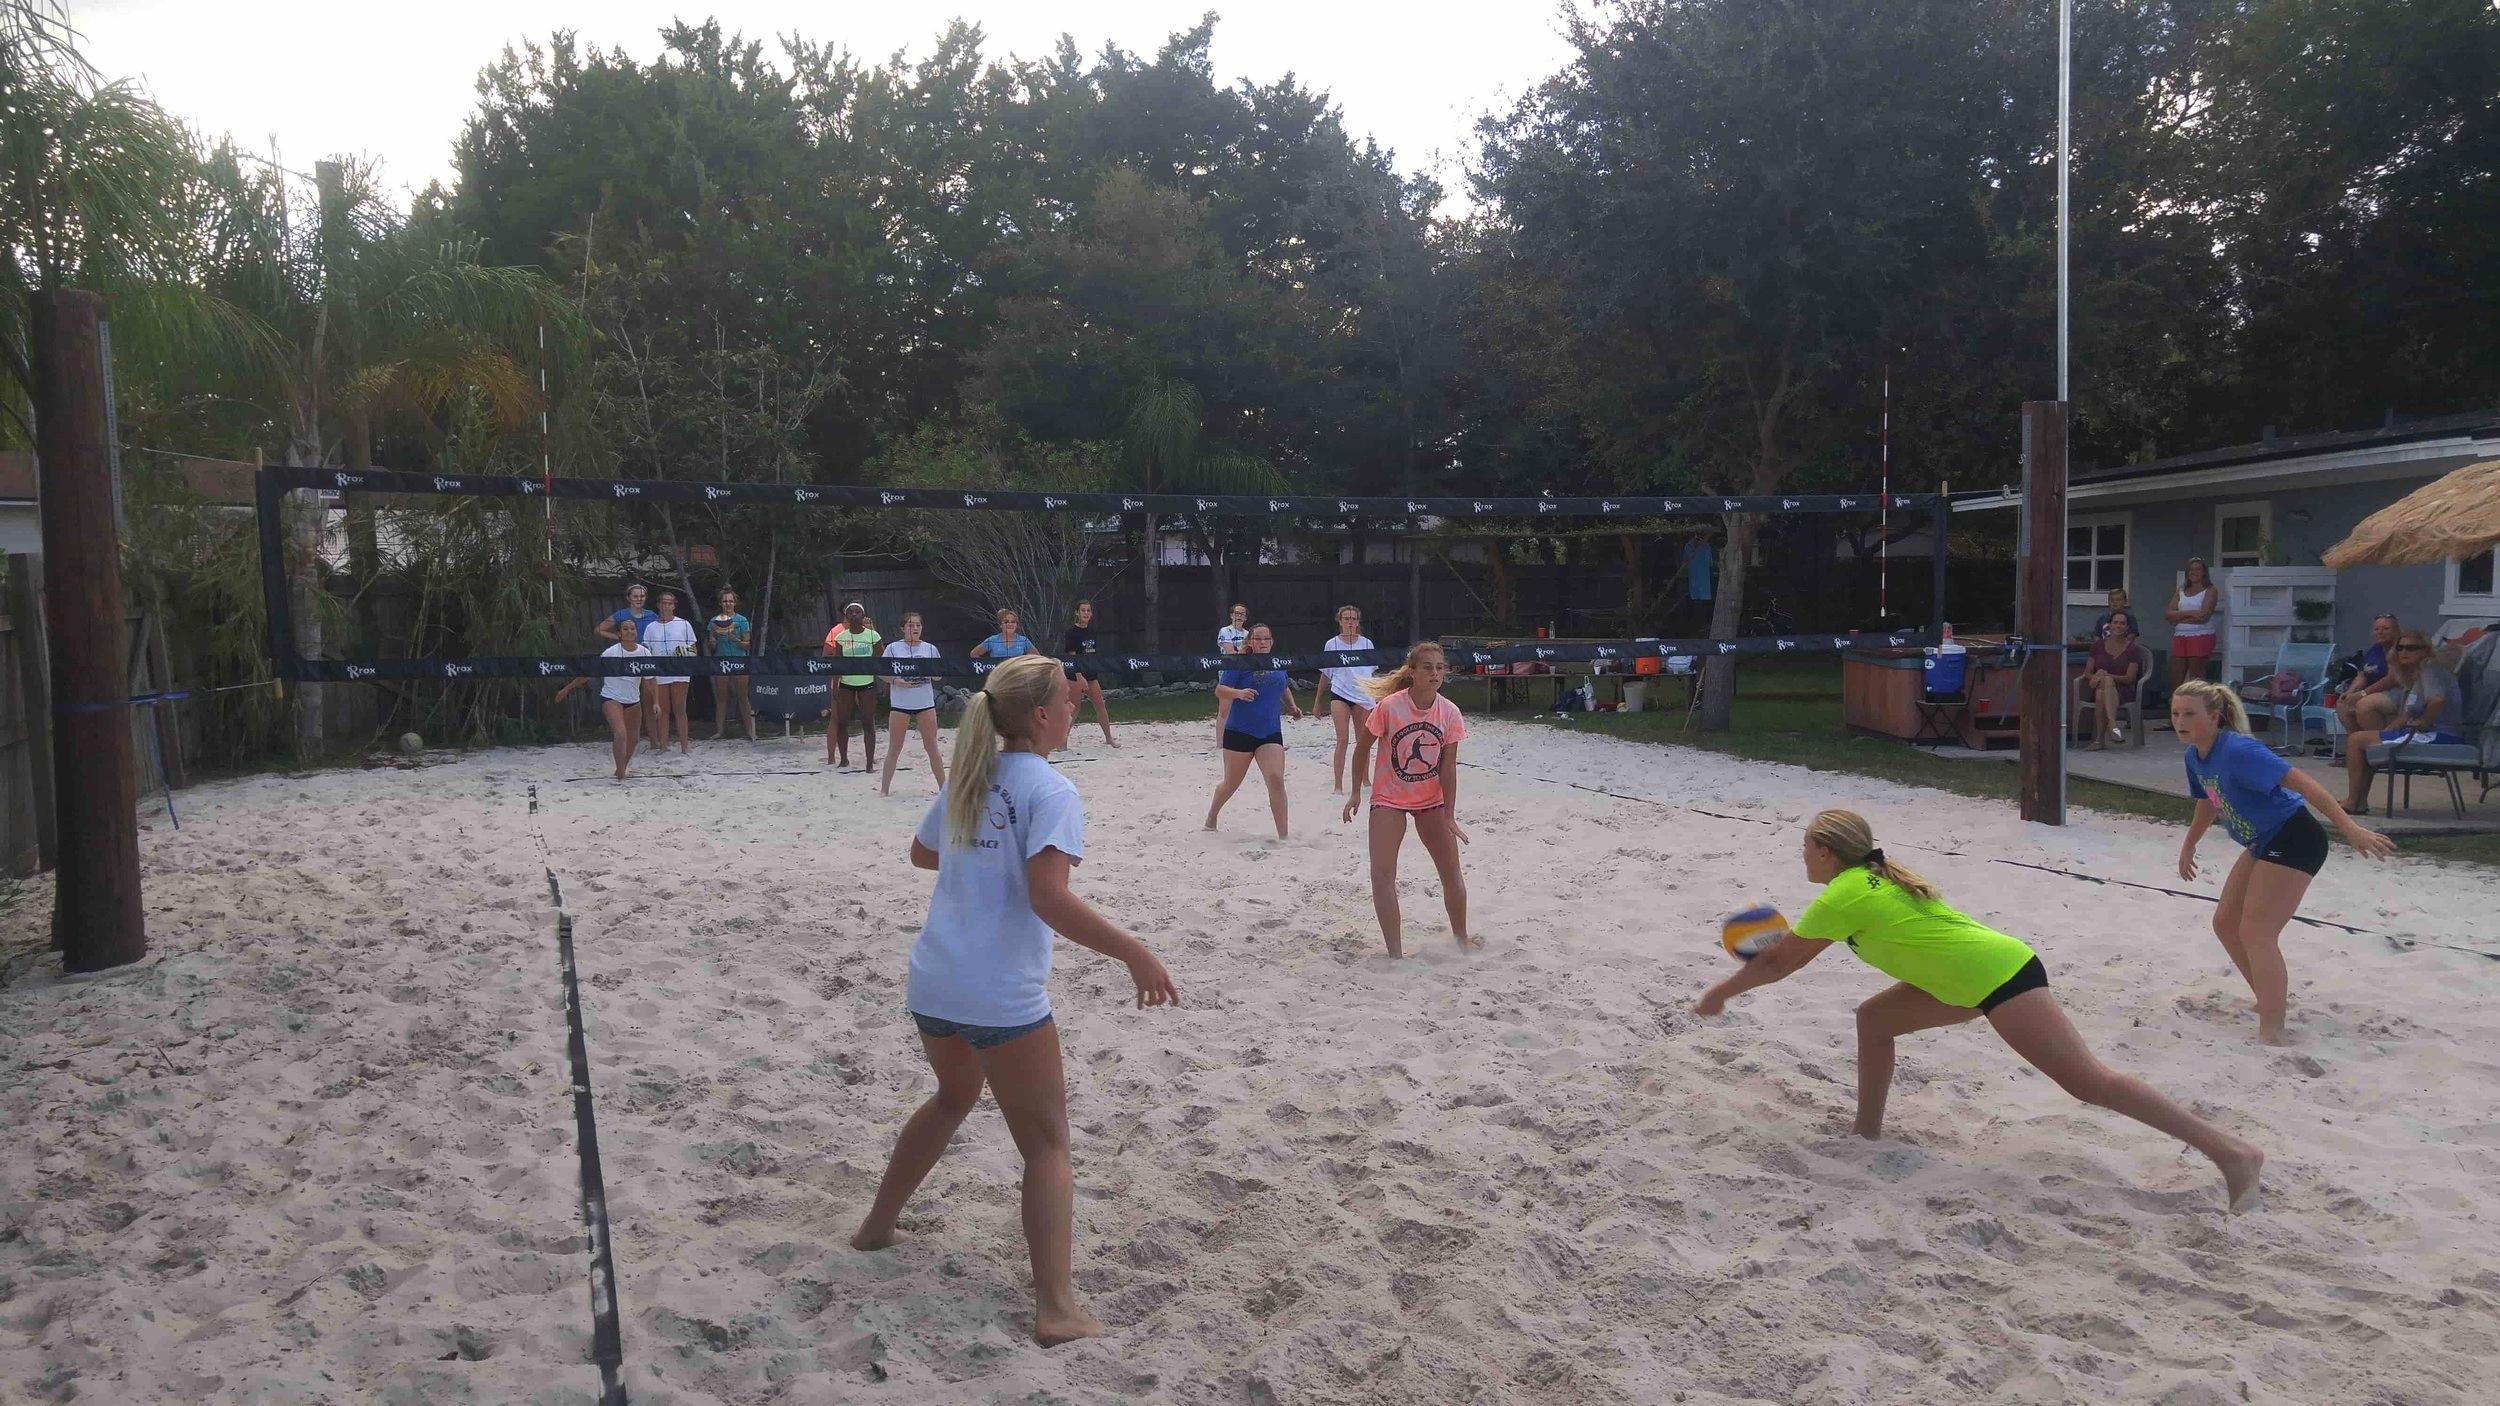 Fletcher Volleyball meets JBVB